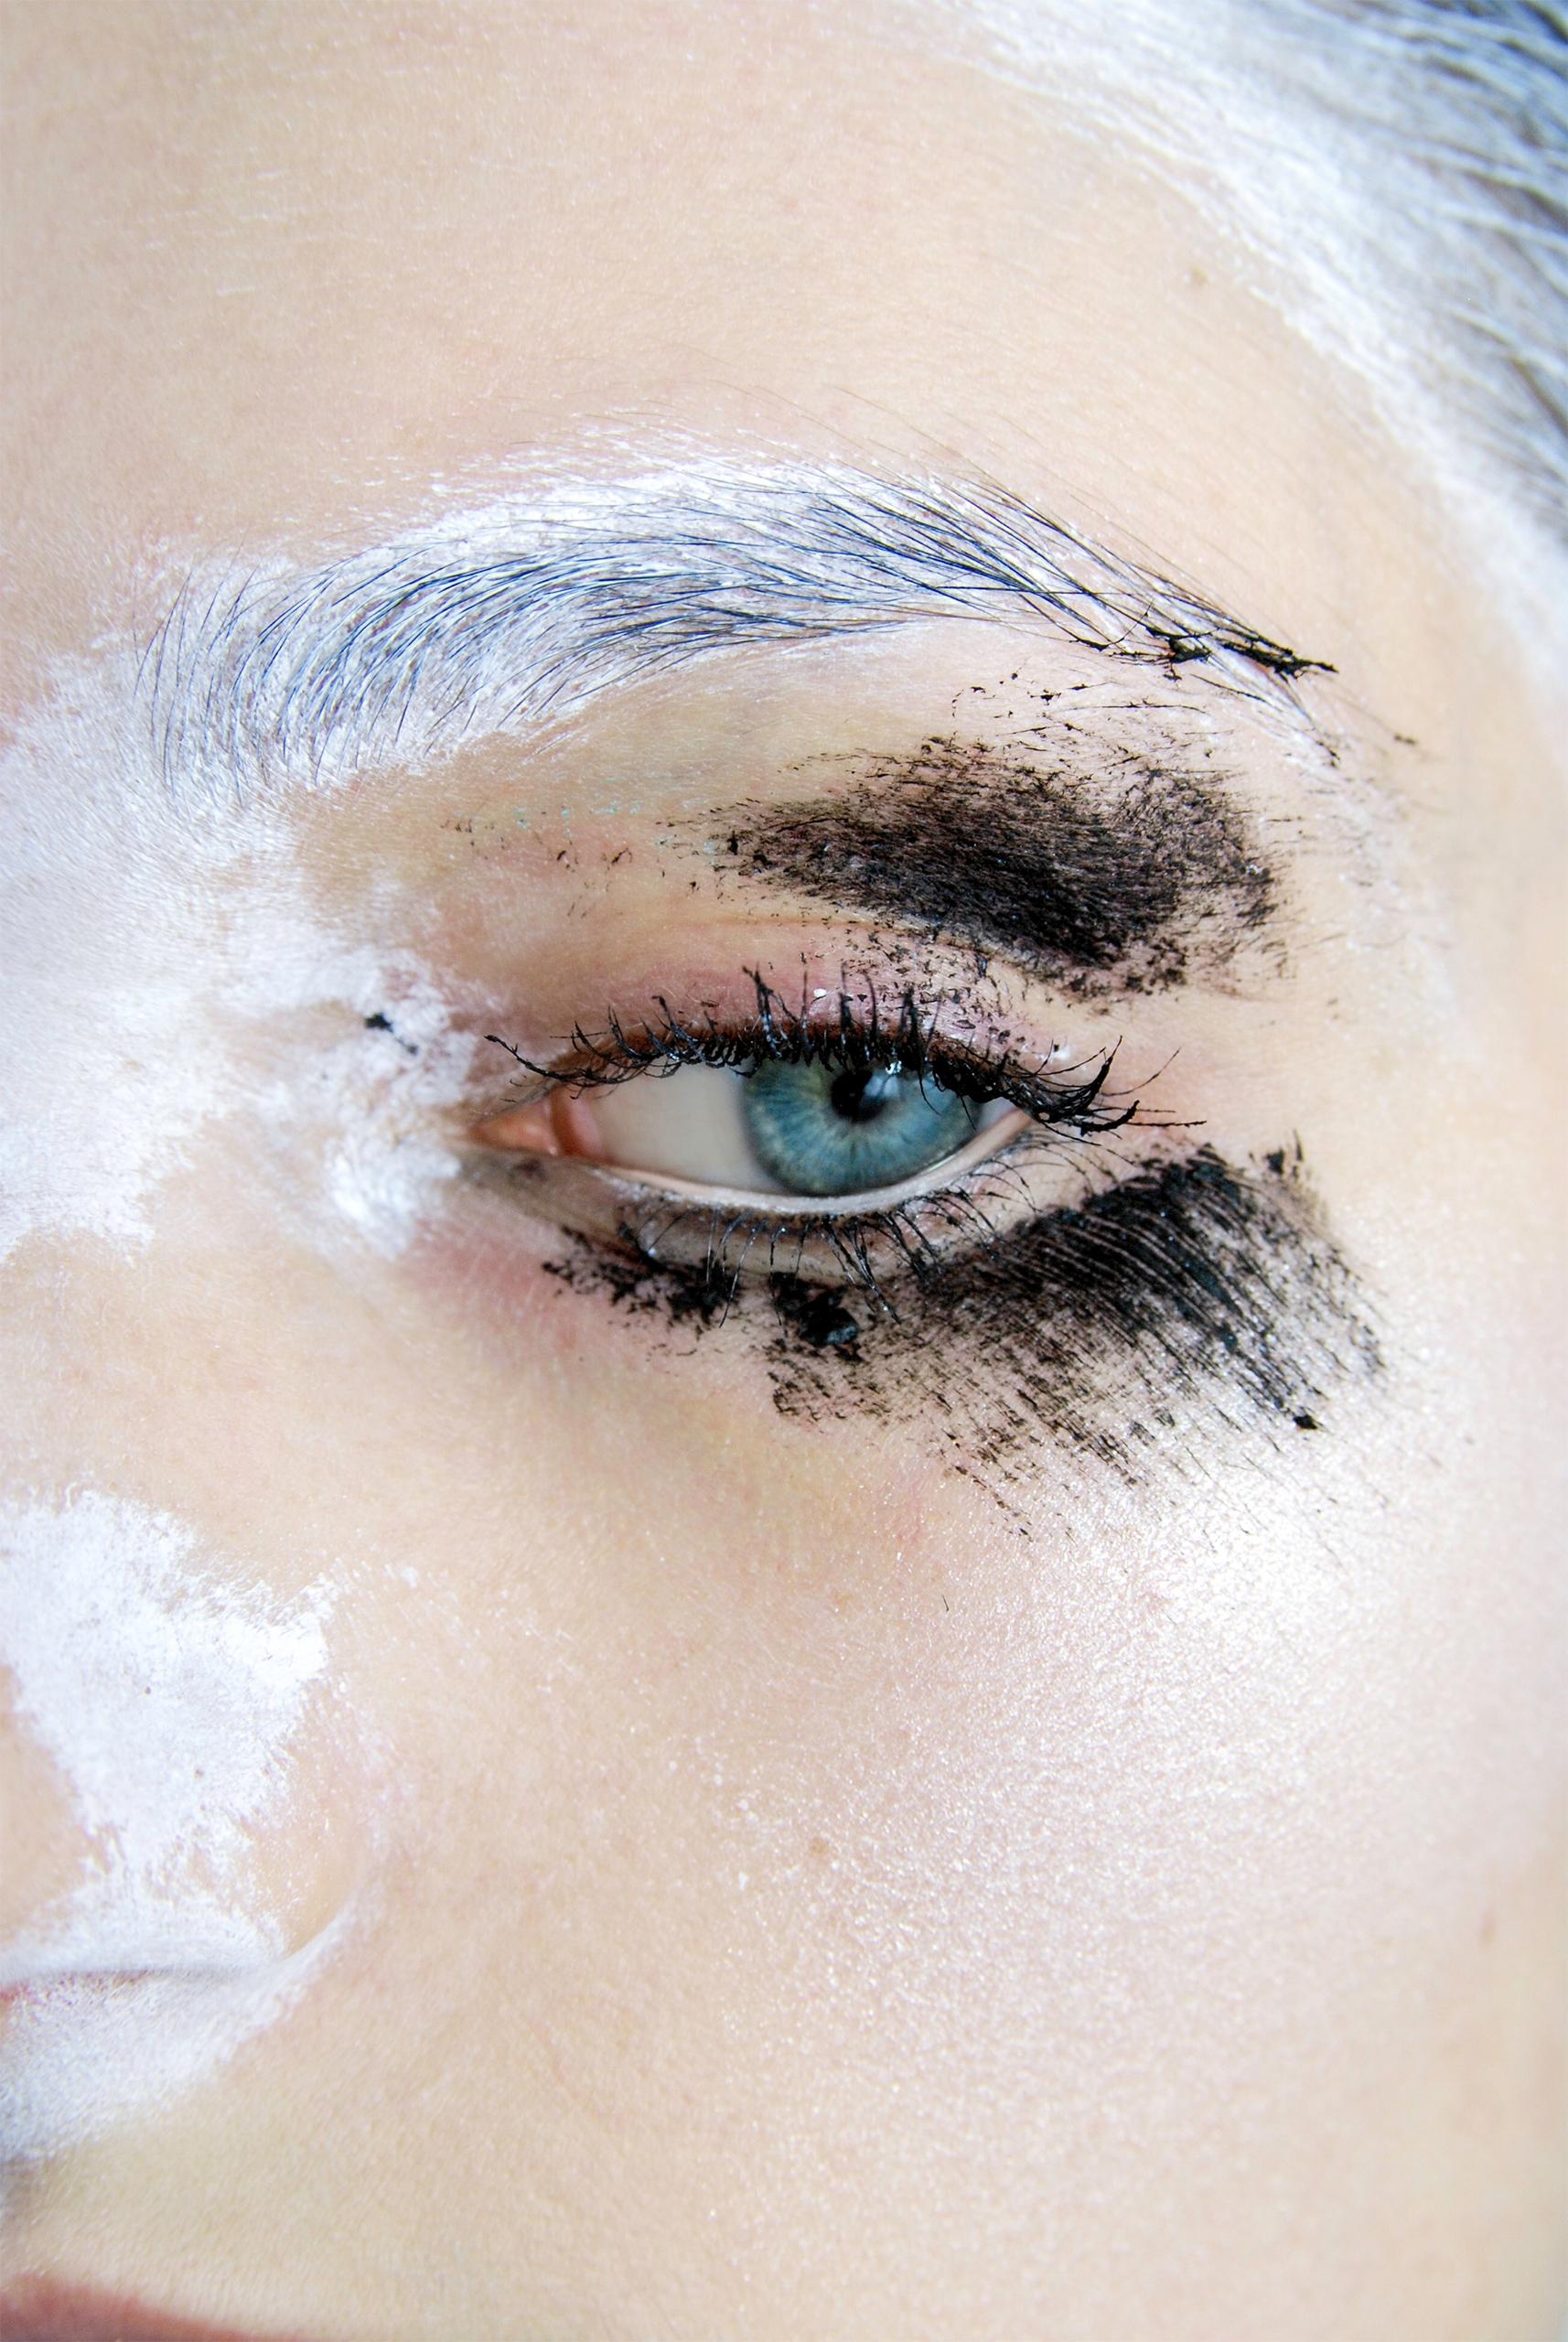 Zdjęcie przedstawia oko pomalowane białą i czarną farbą.